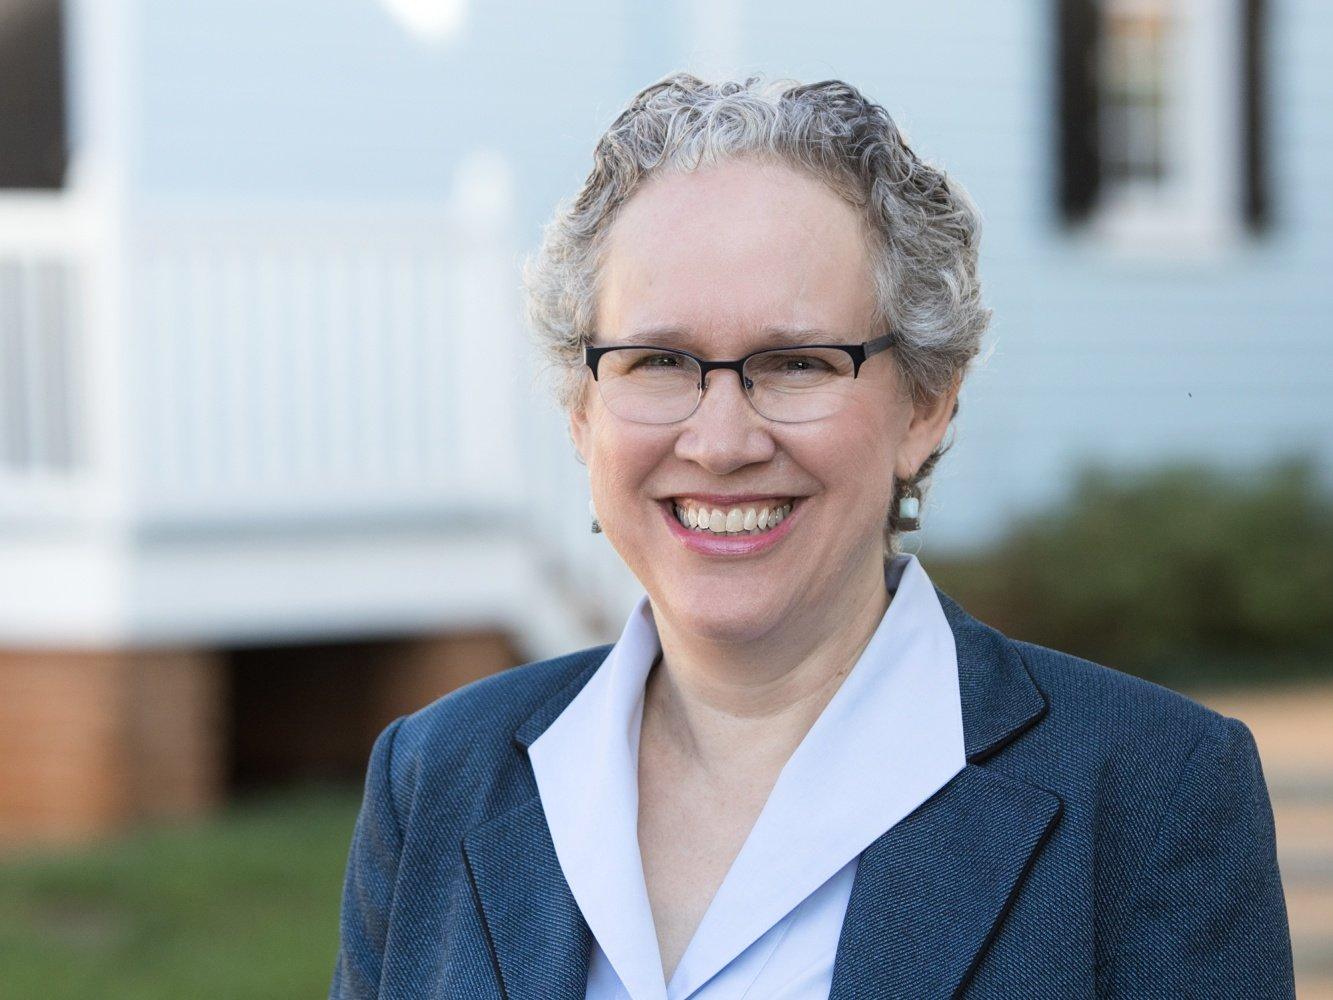 Sue Perdue